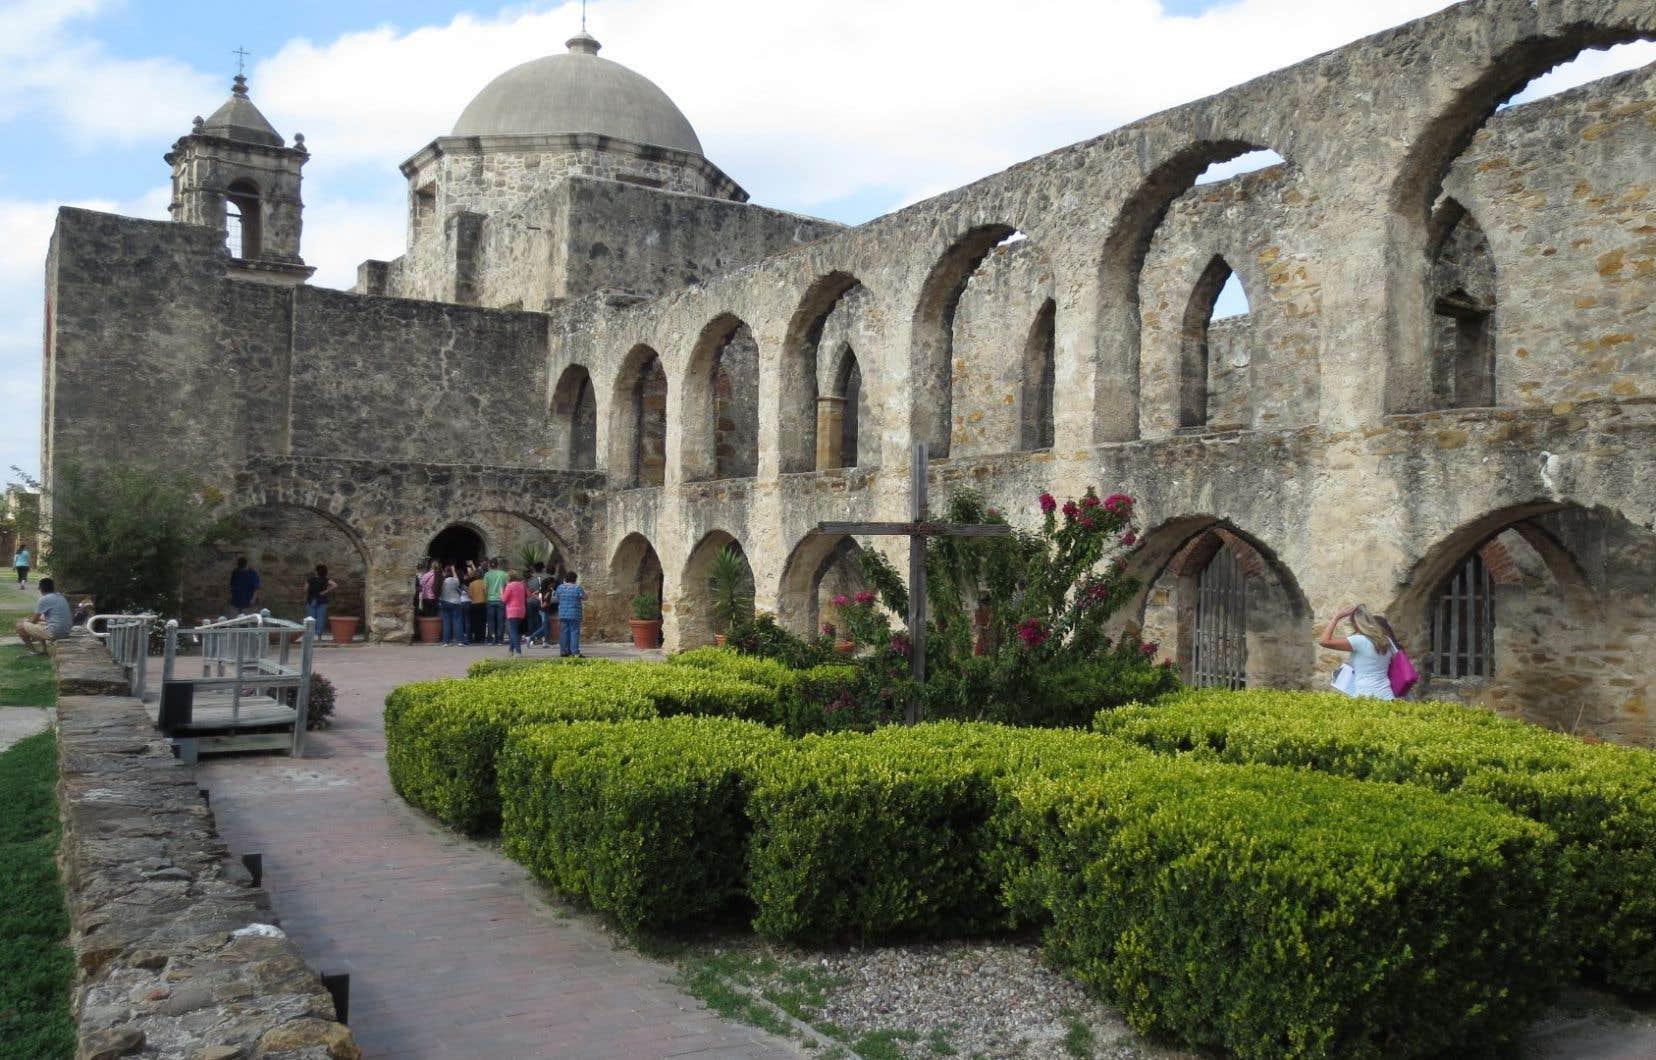 La mission San José est la plus grande et la mieux restaurée des missions espagnoles de San Antonio. Des messes sont encore célébrées dans sa chapelle. Ces missions forment l'ensemble colonial espagnol le plus important des États-Unis.